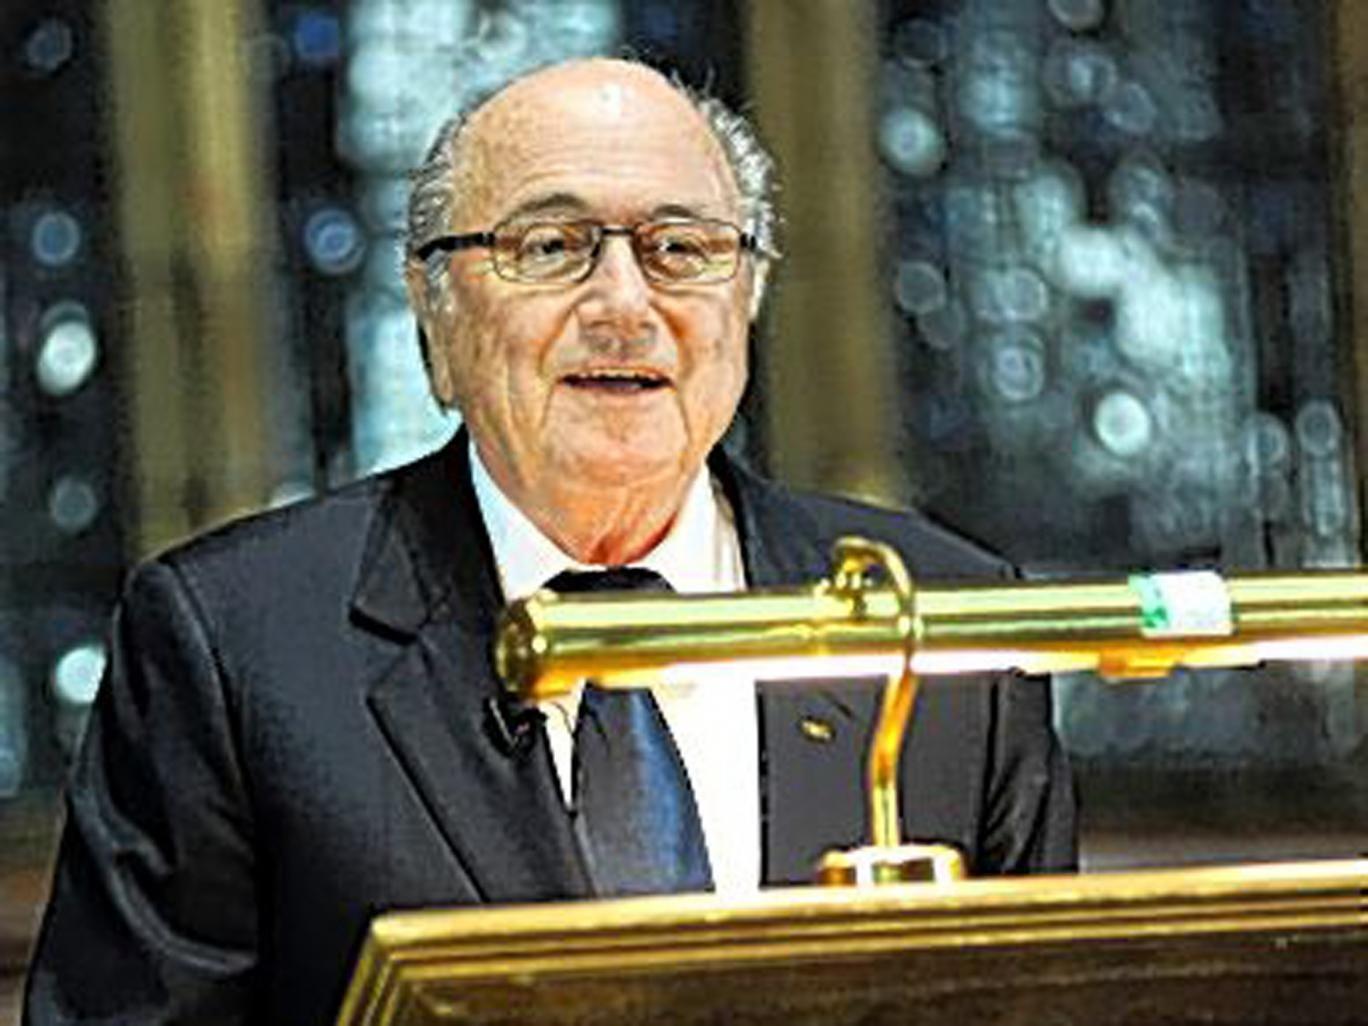 Sepp Blatter speaks to Oxford University students